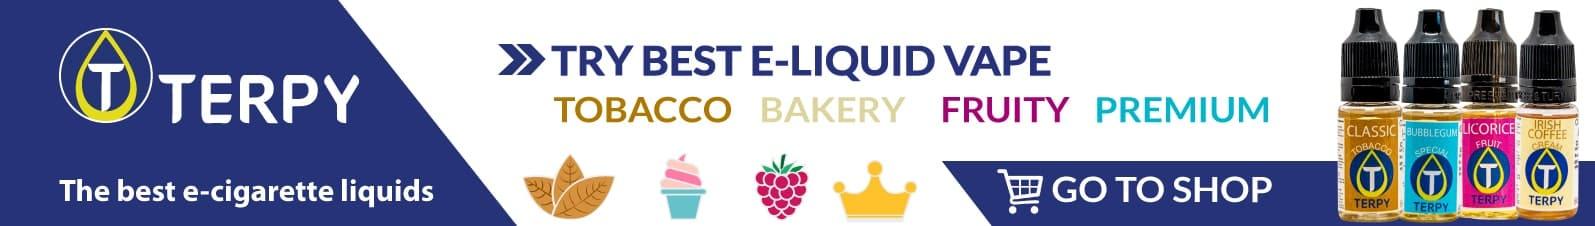 Terpy's banner of e-cigarette liquid